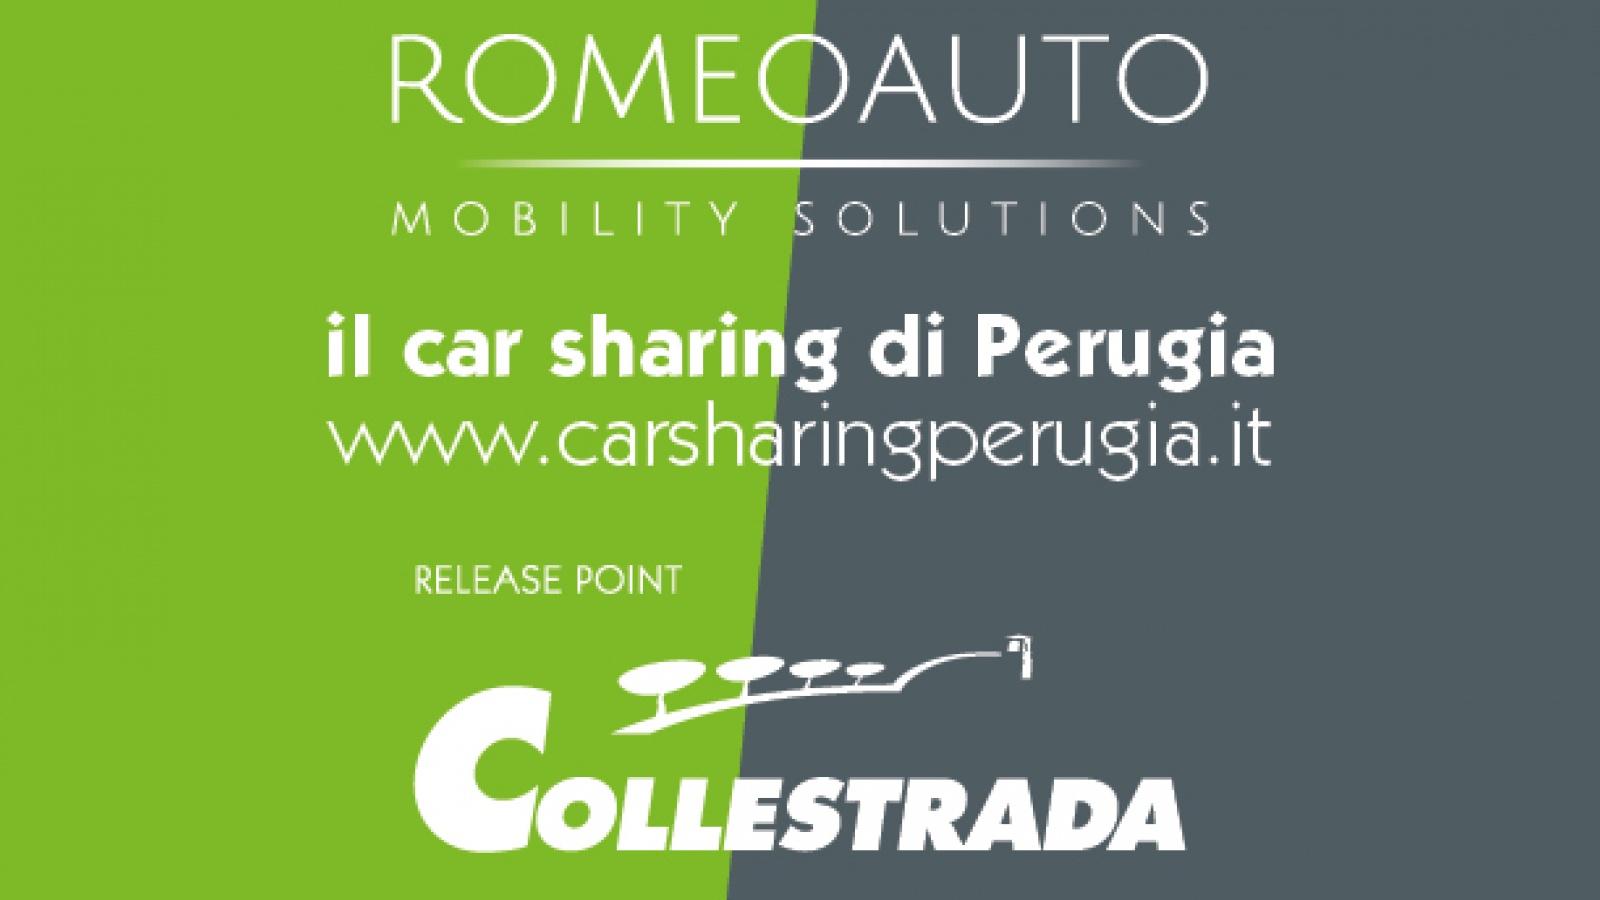 Collestrada nuovo release point per il car-sharing Perugia